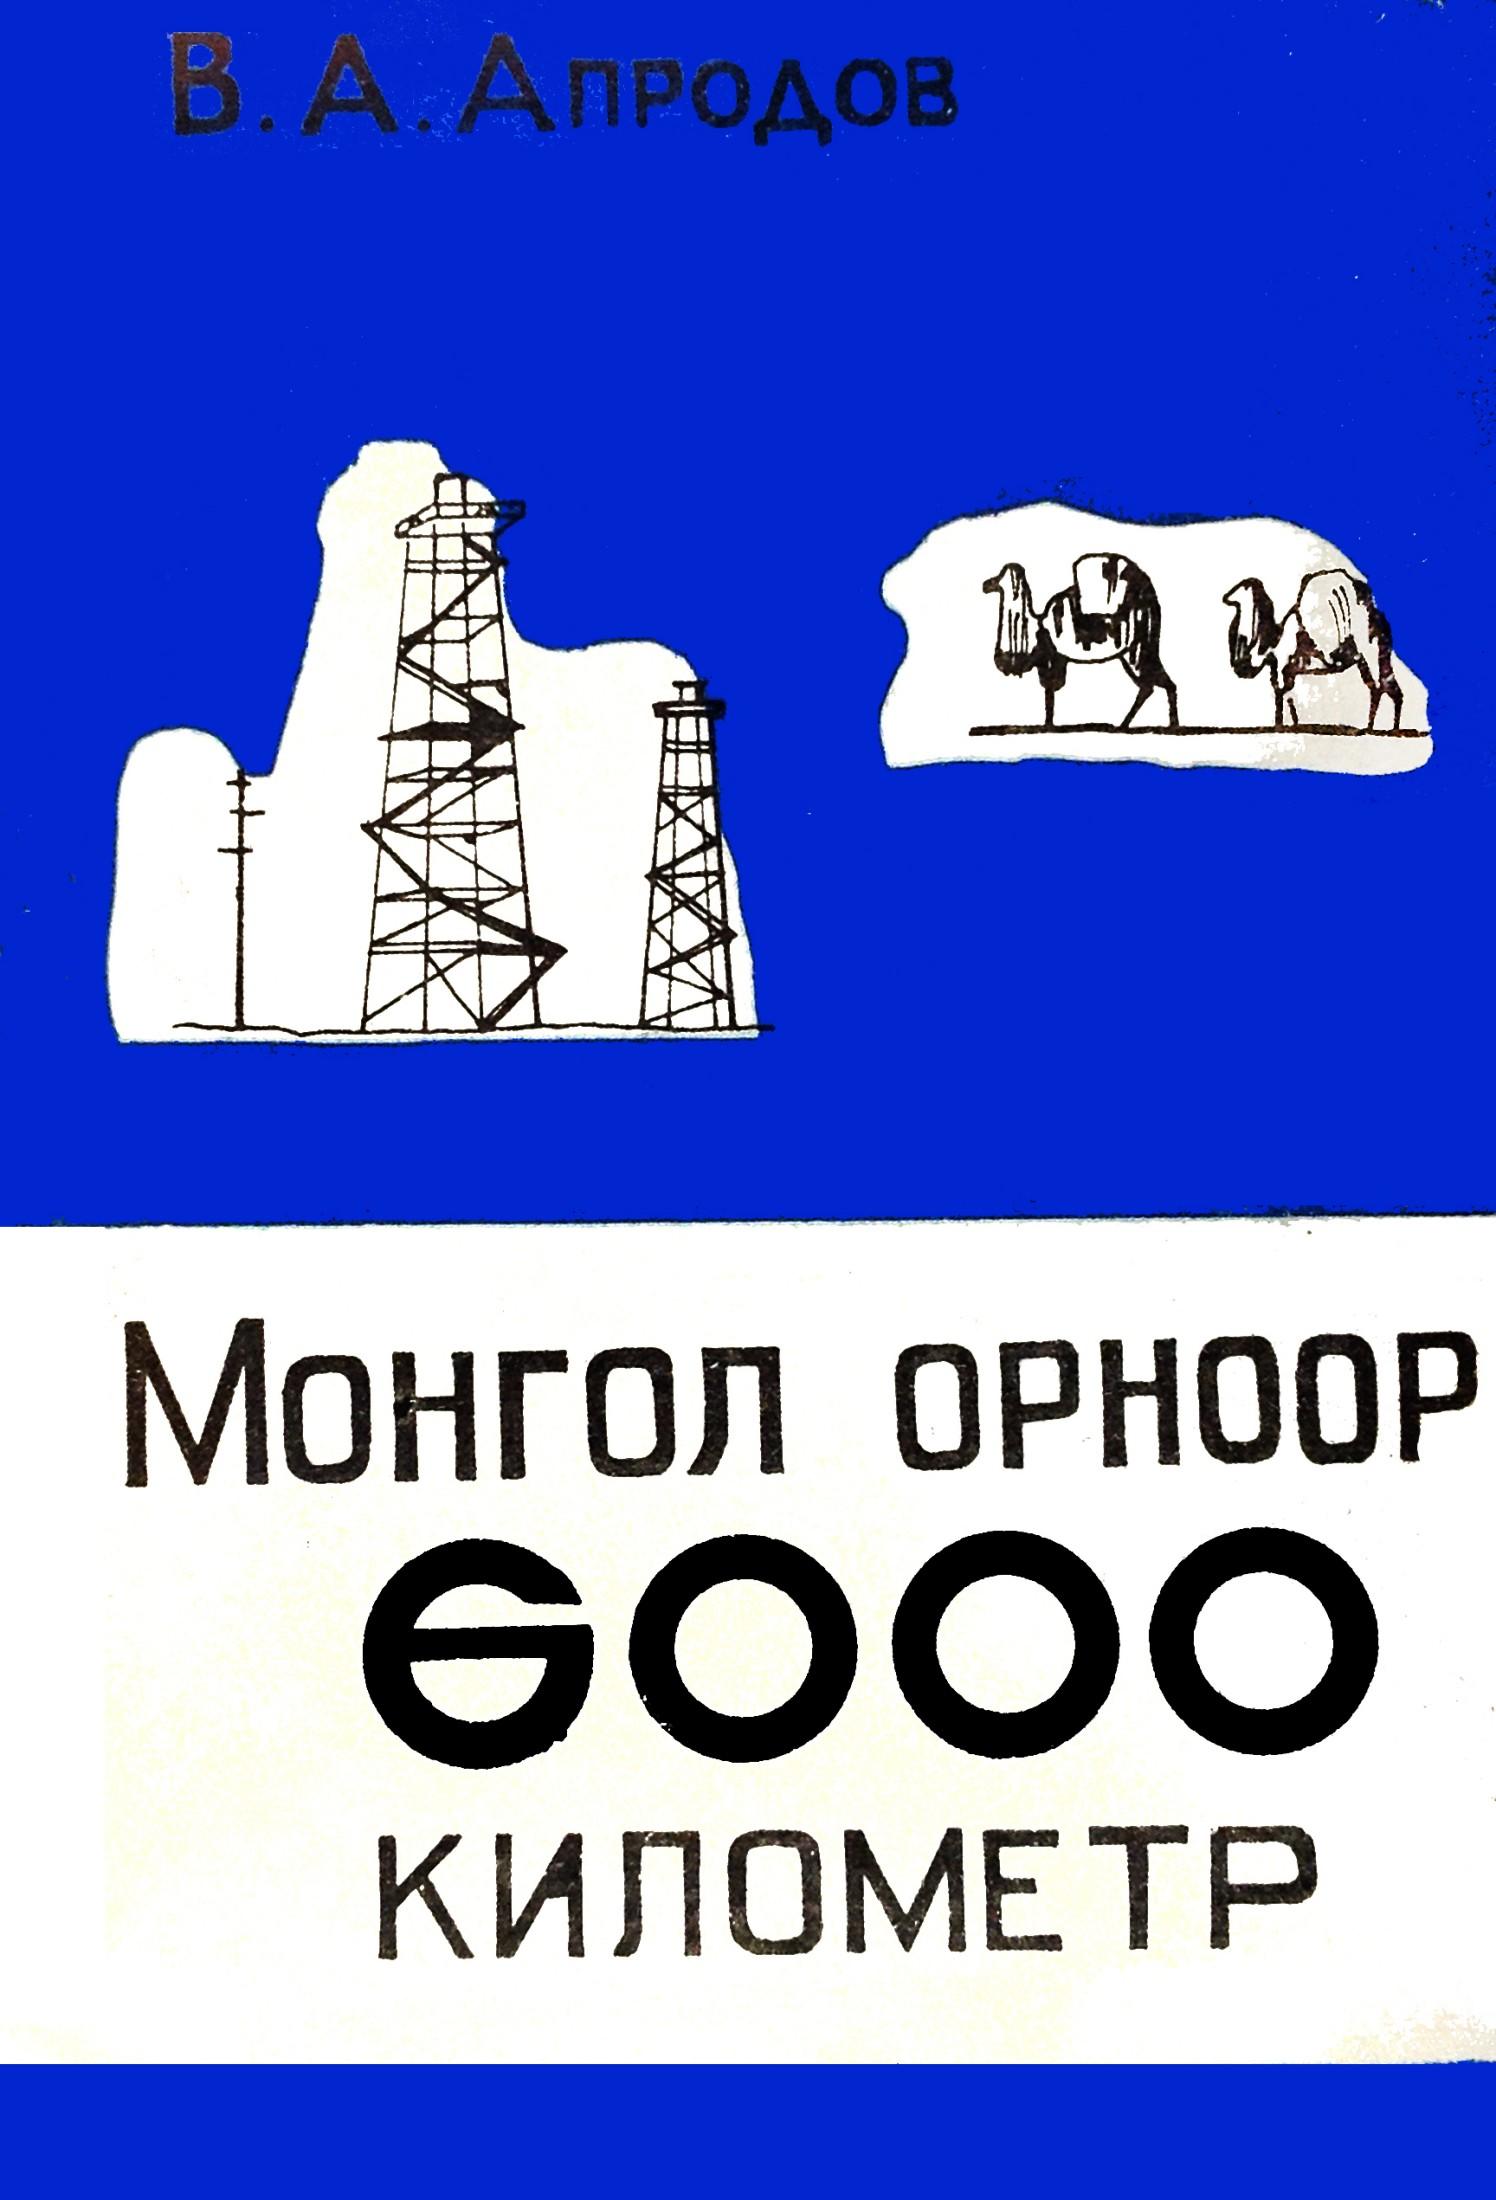 МОНГОЛ ОРНООР 6000 КИЛОМЕТР